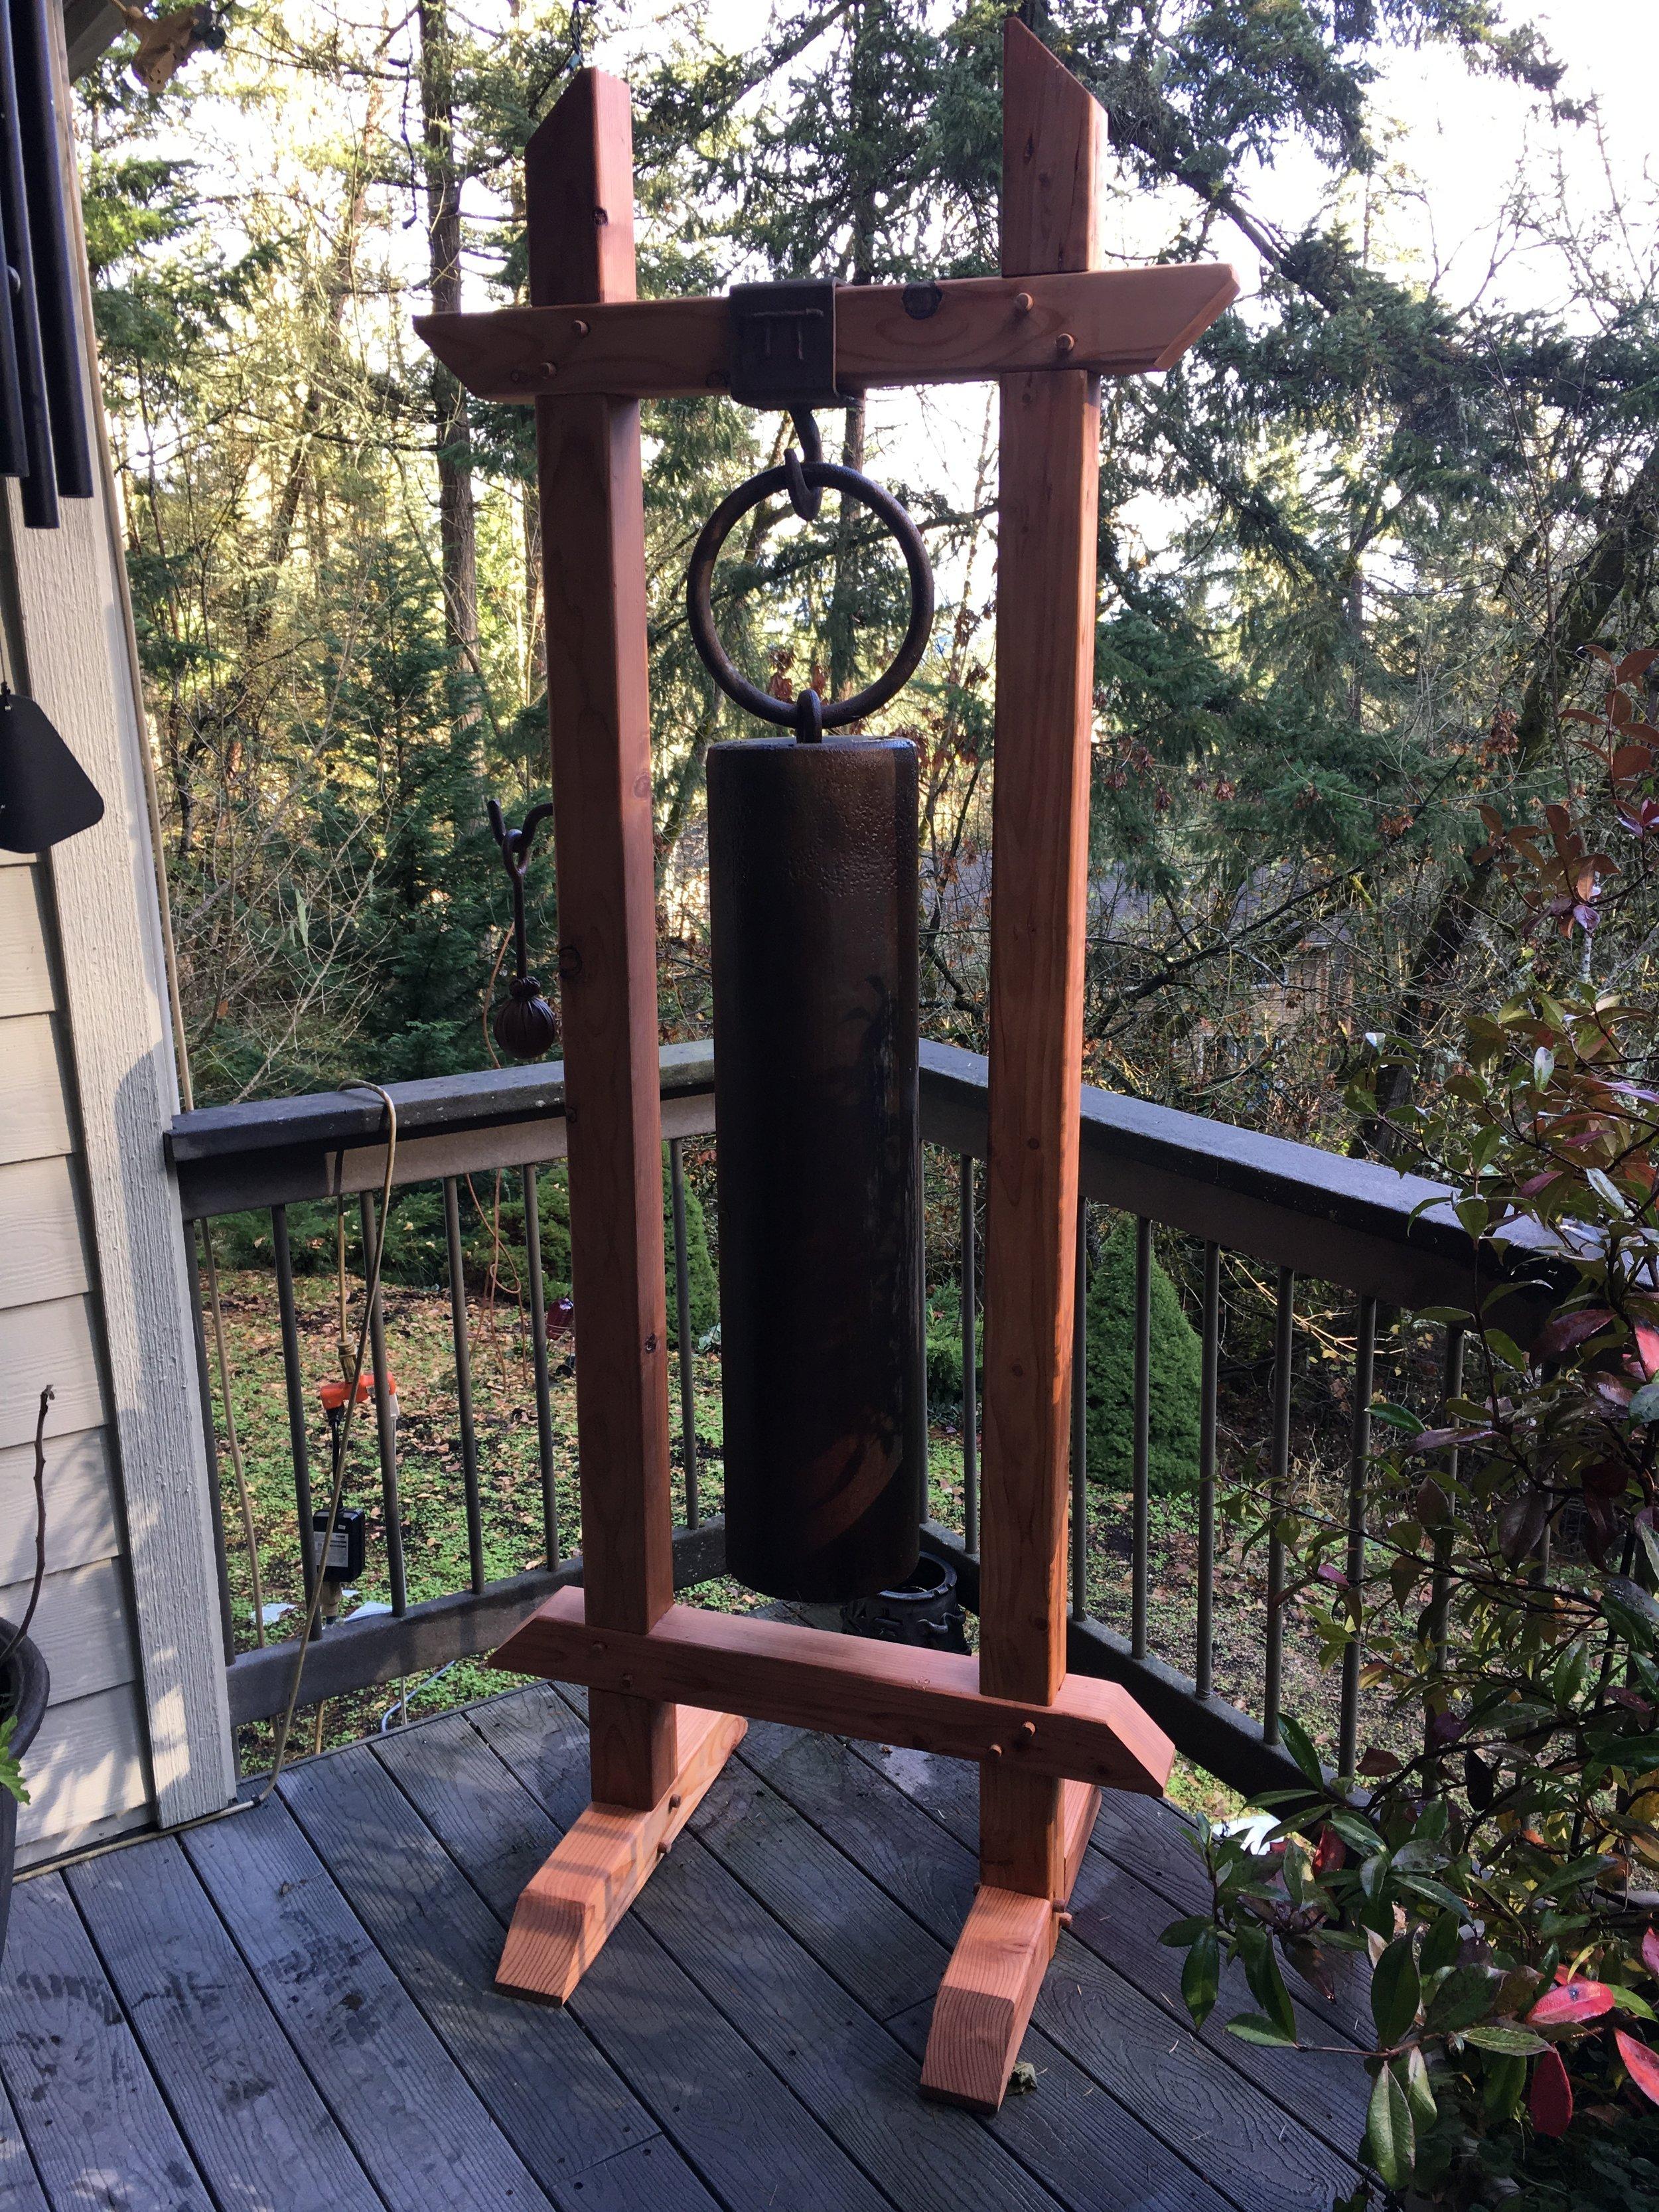 Custom Large Antique Bellholder - Design and Construction